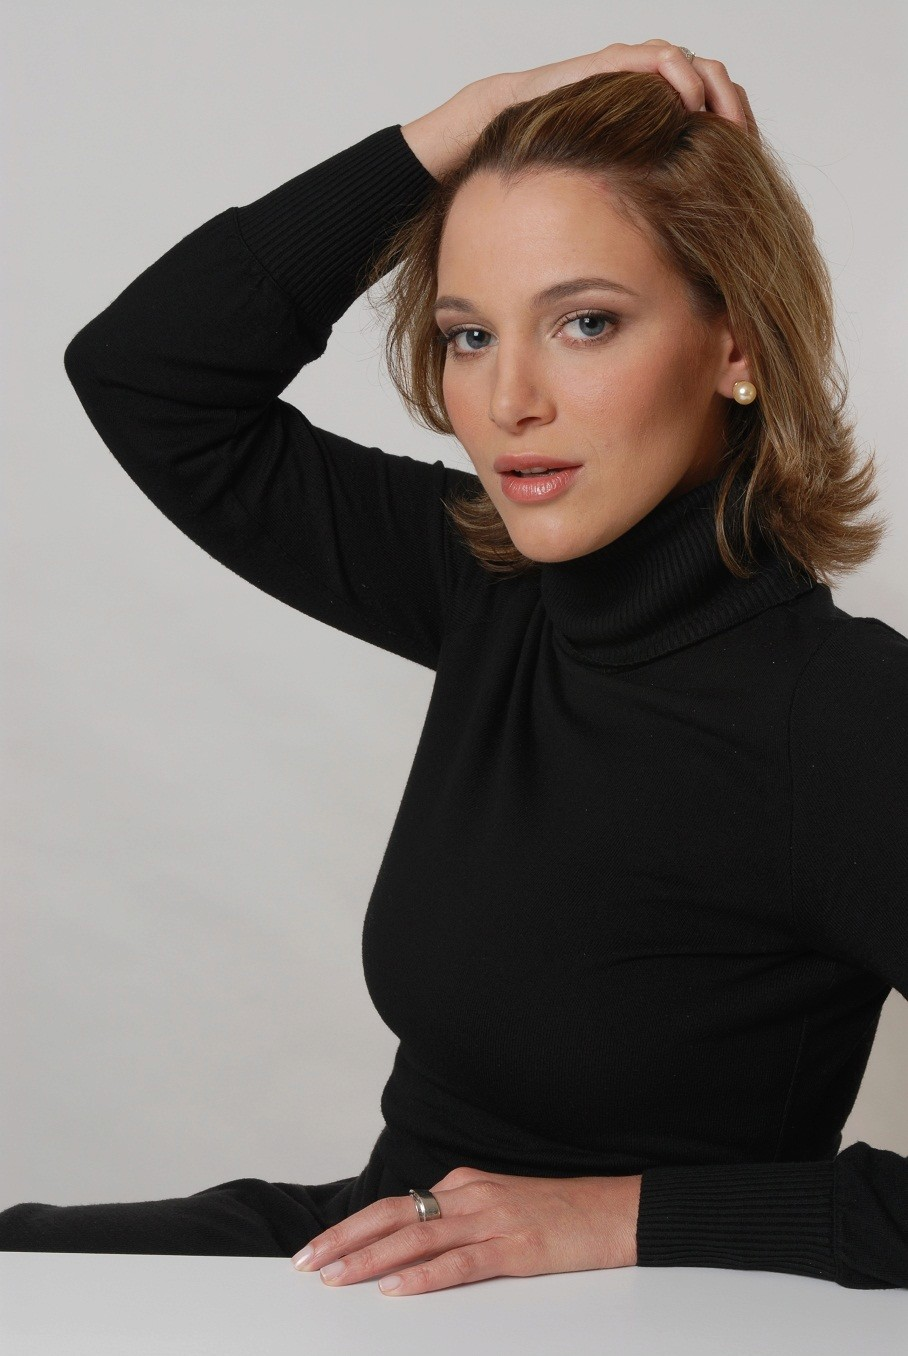 eva ekvall, 3rd runner-up de miss universe 2001. † Ekvall10